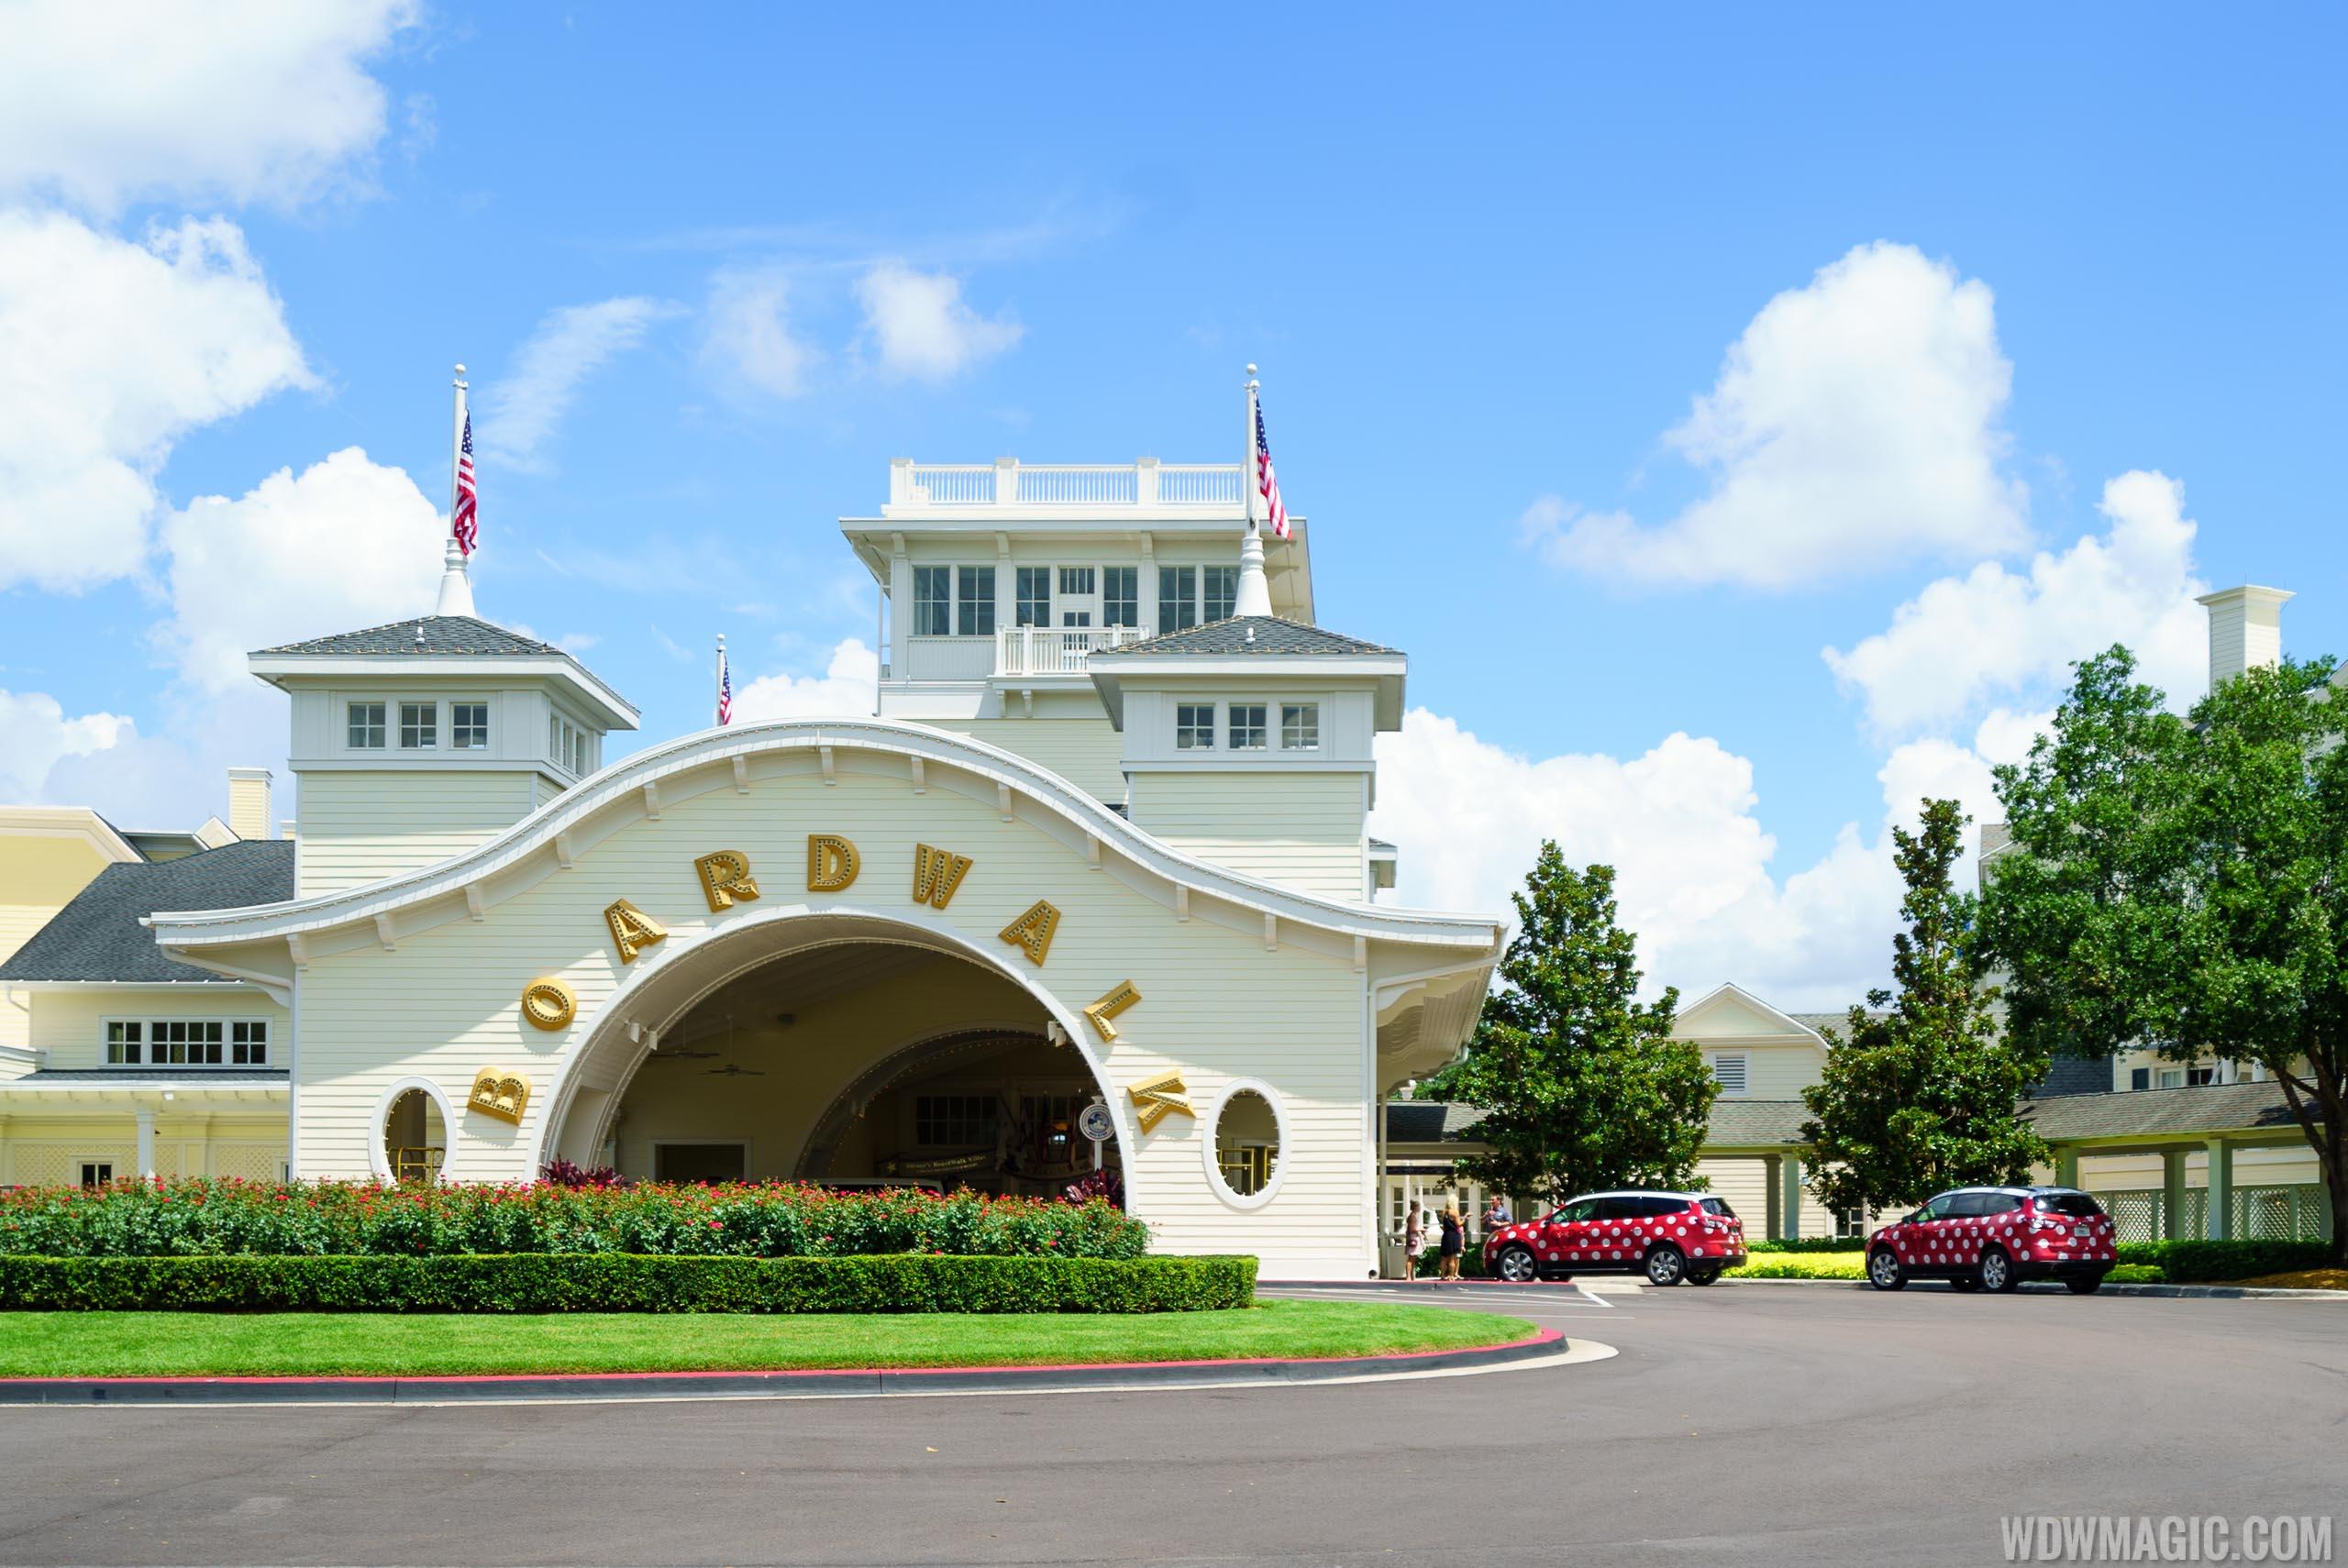 Disney's BoardWalk Inn will reopen in July 2021